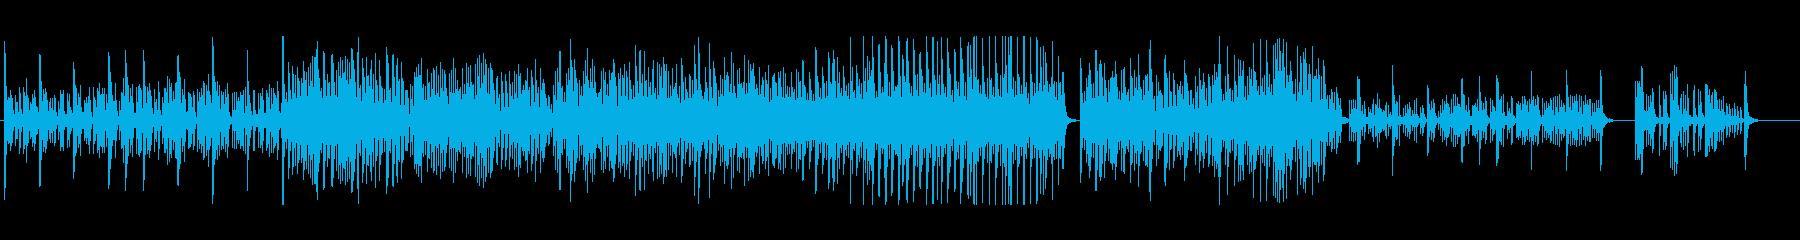 静かな月夜に奏でるマリンバ系BGMの再生済みの波形